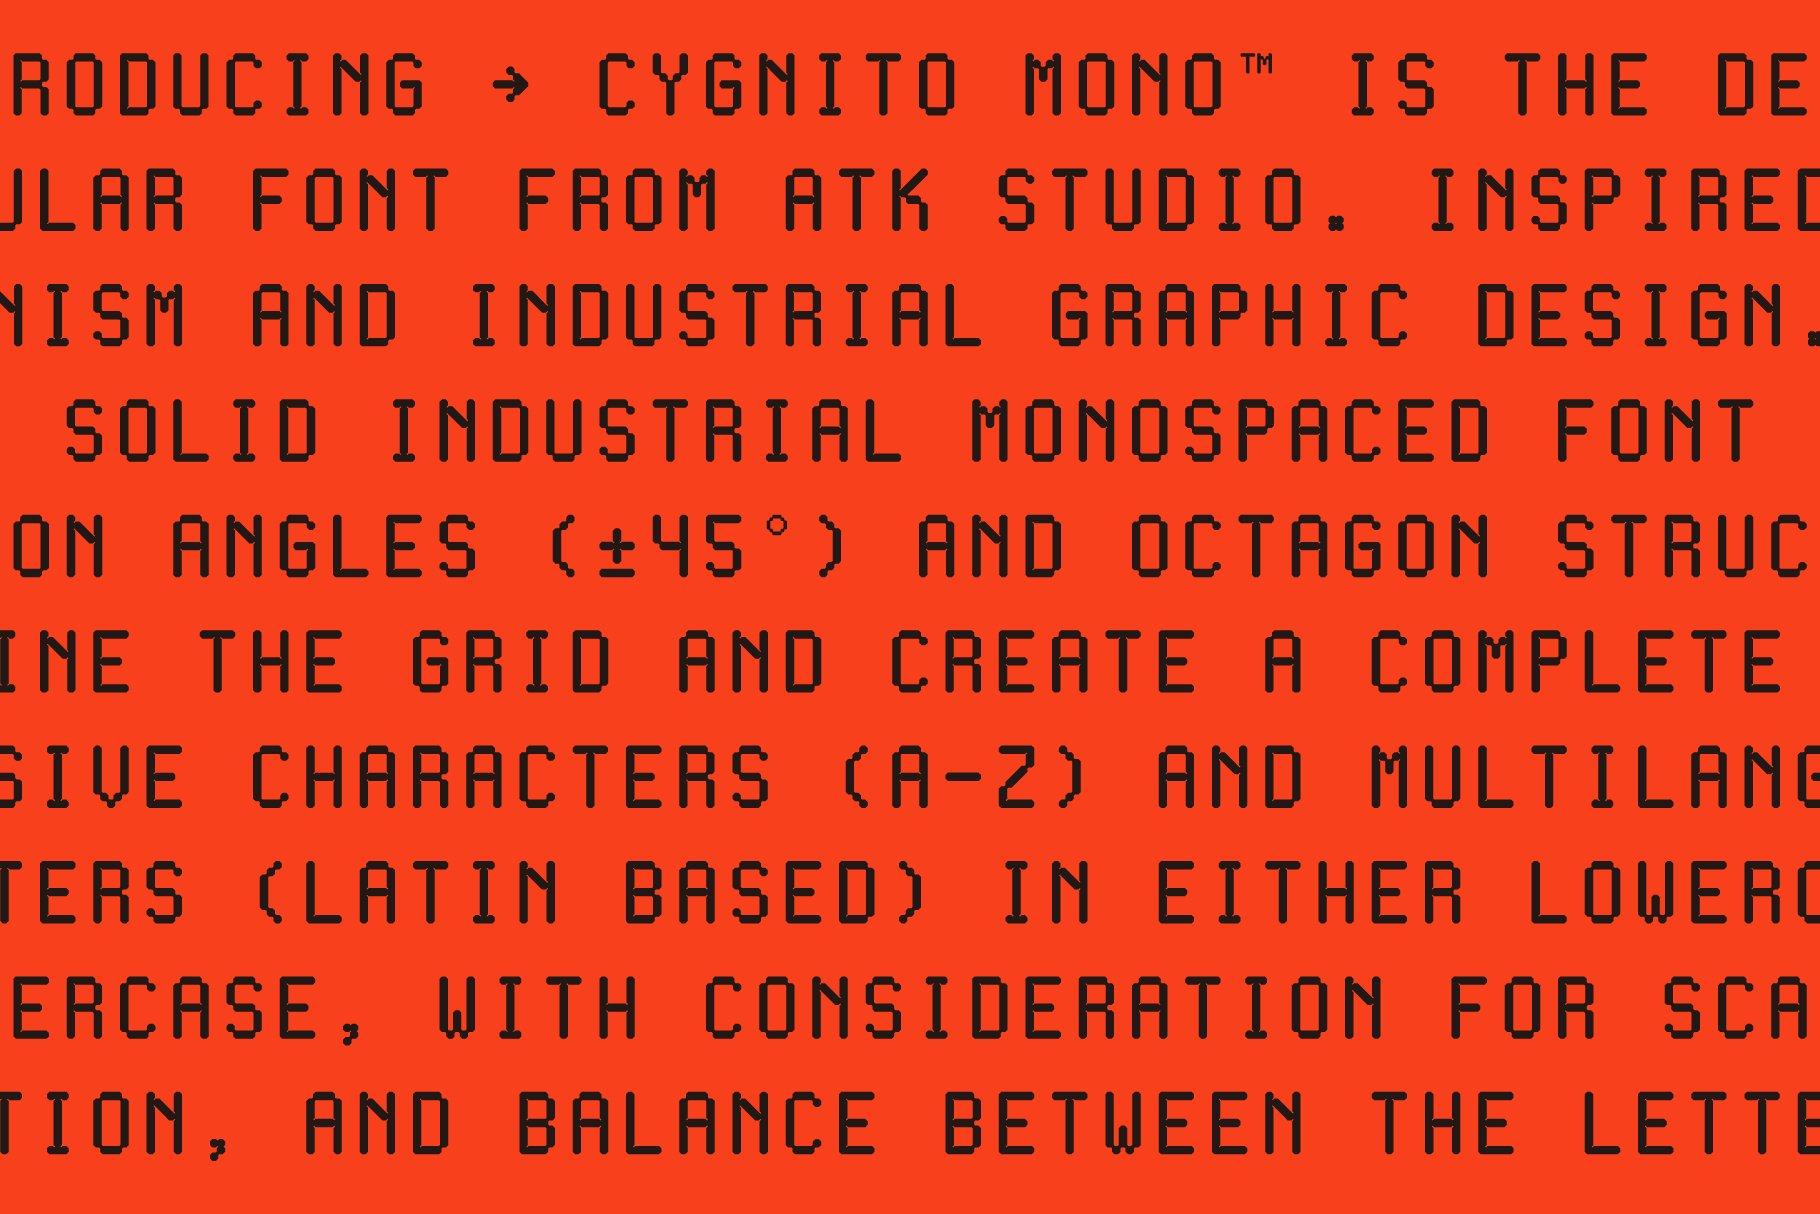 现代简约经典海报杂志等宽无衬线英文字体素材 Cygnito Mono插图10